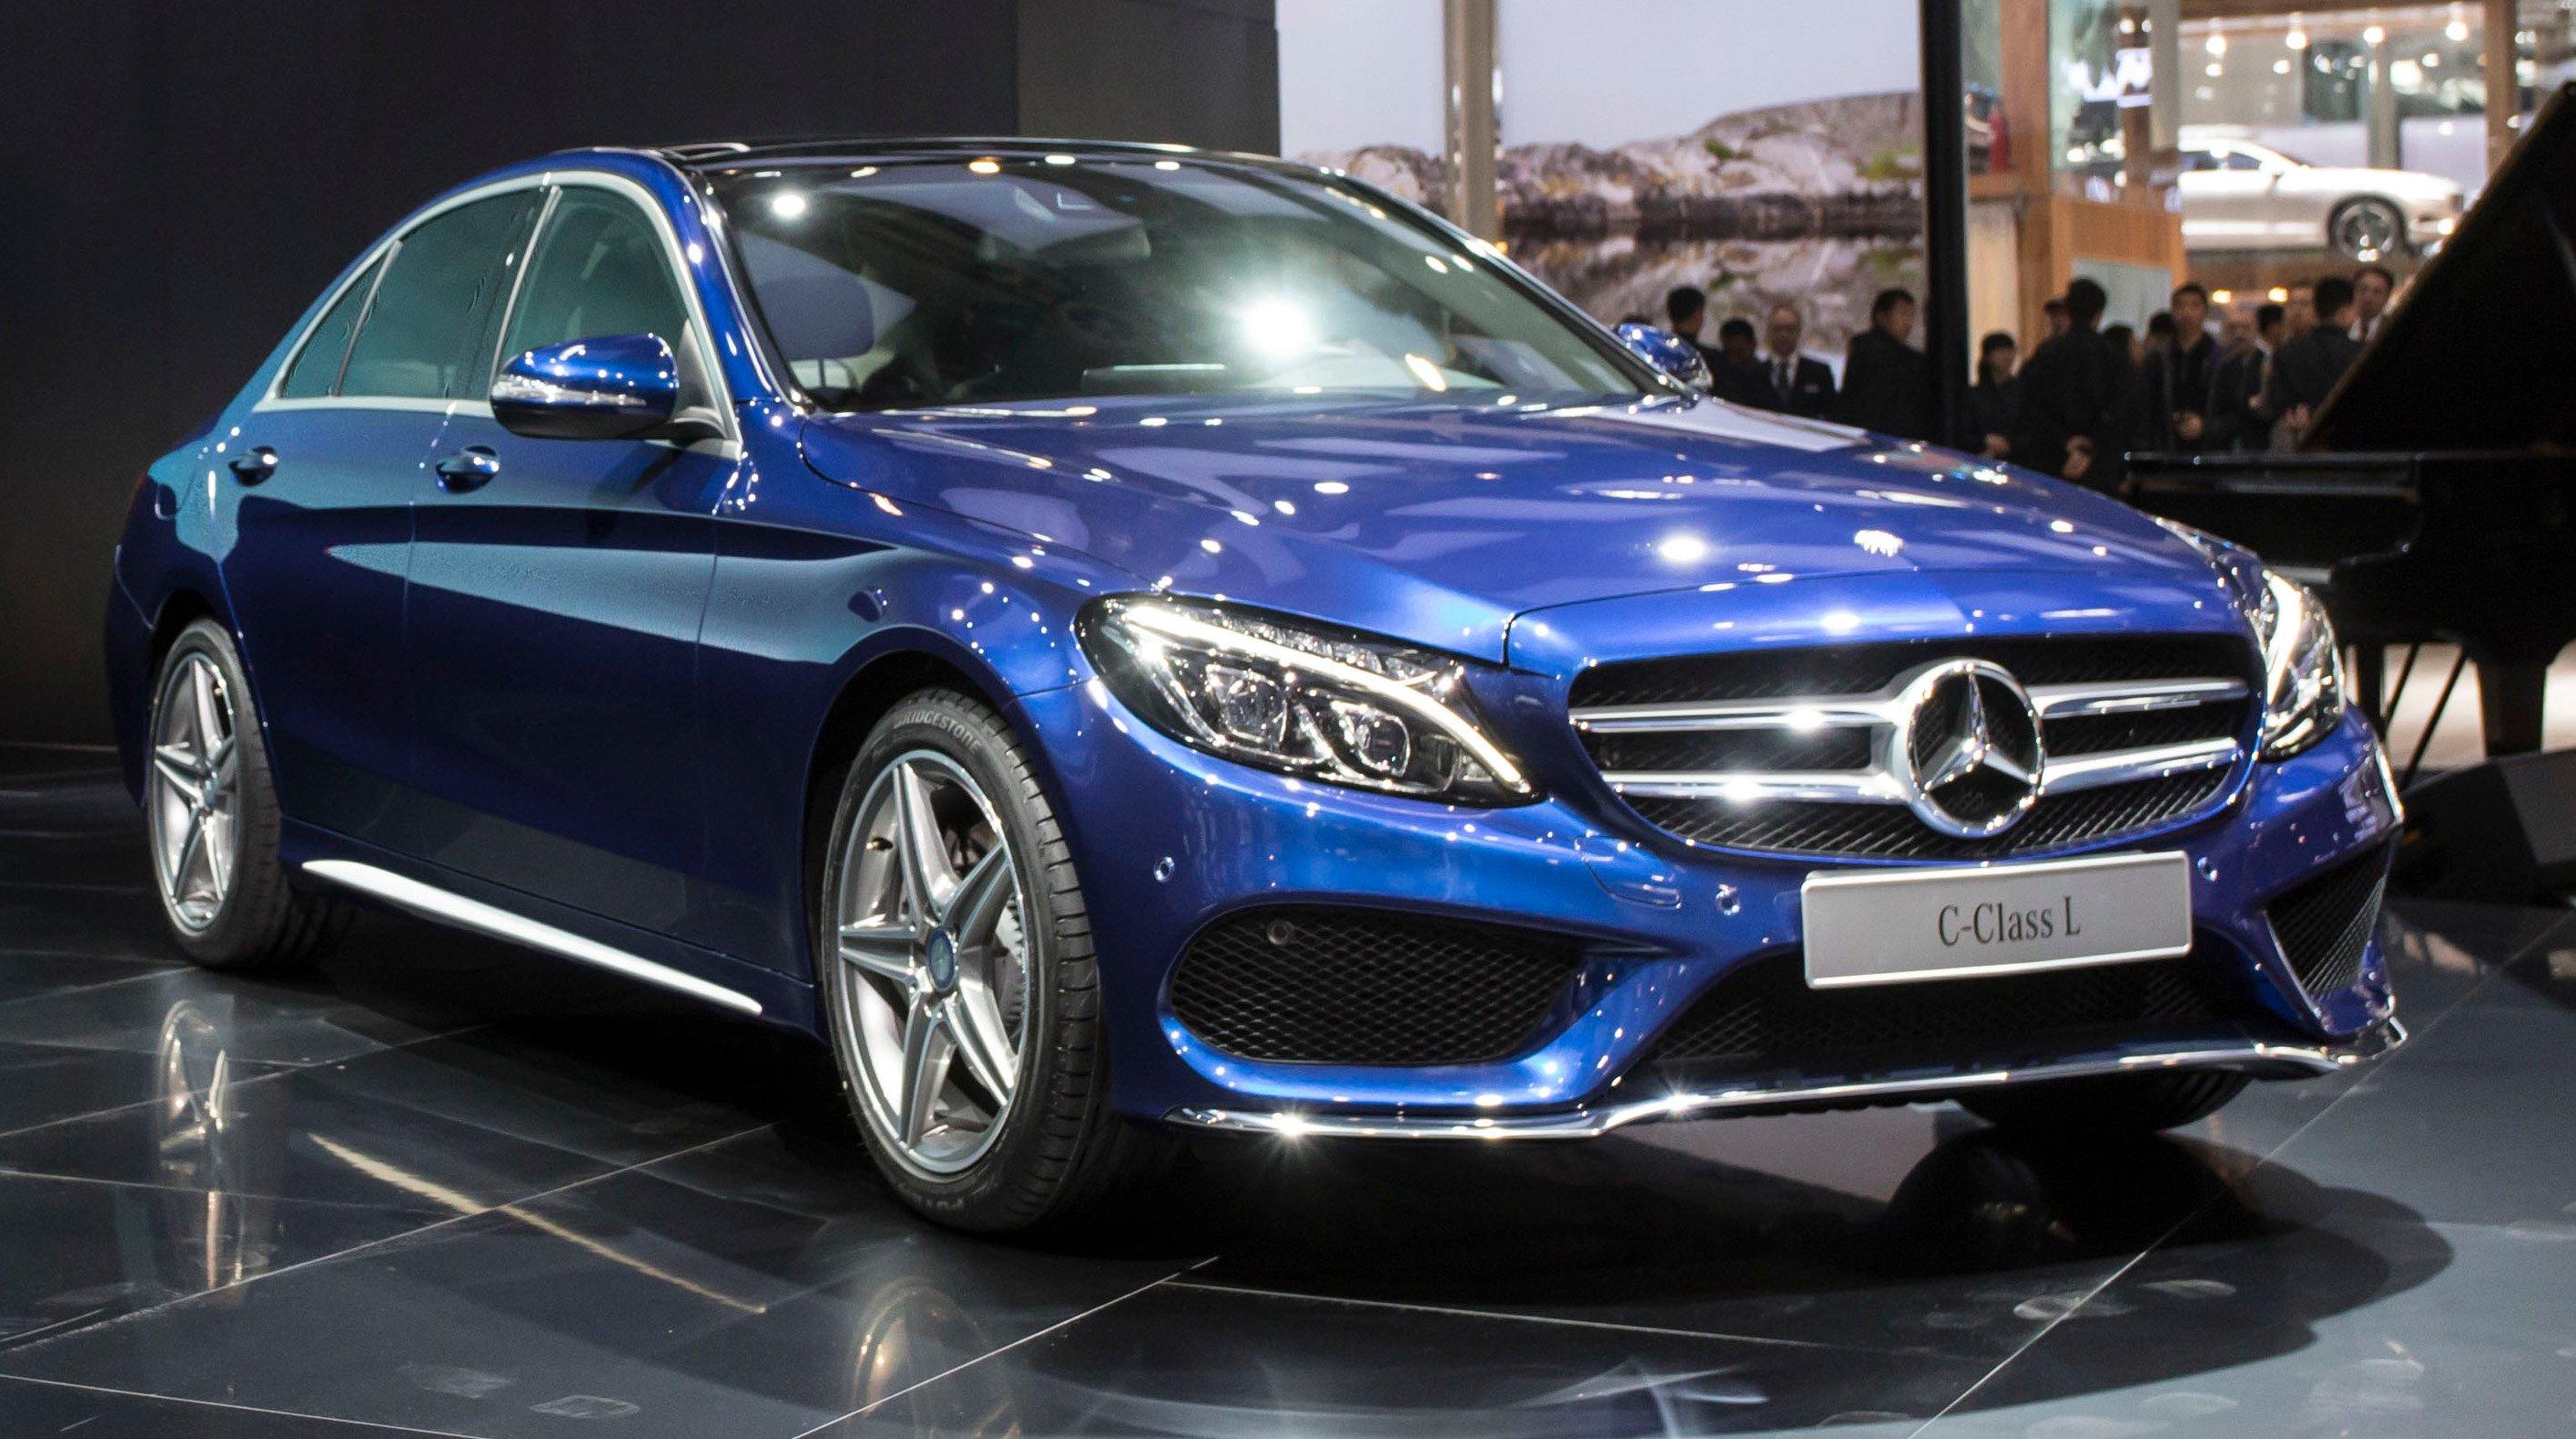 Mercedes Benz C Class L A Long Wheelbase W205